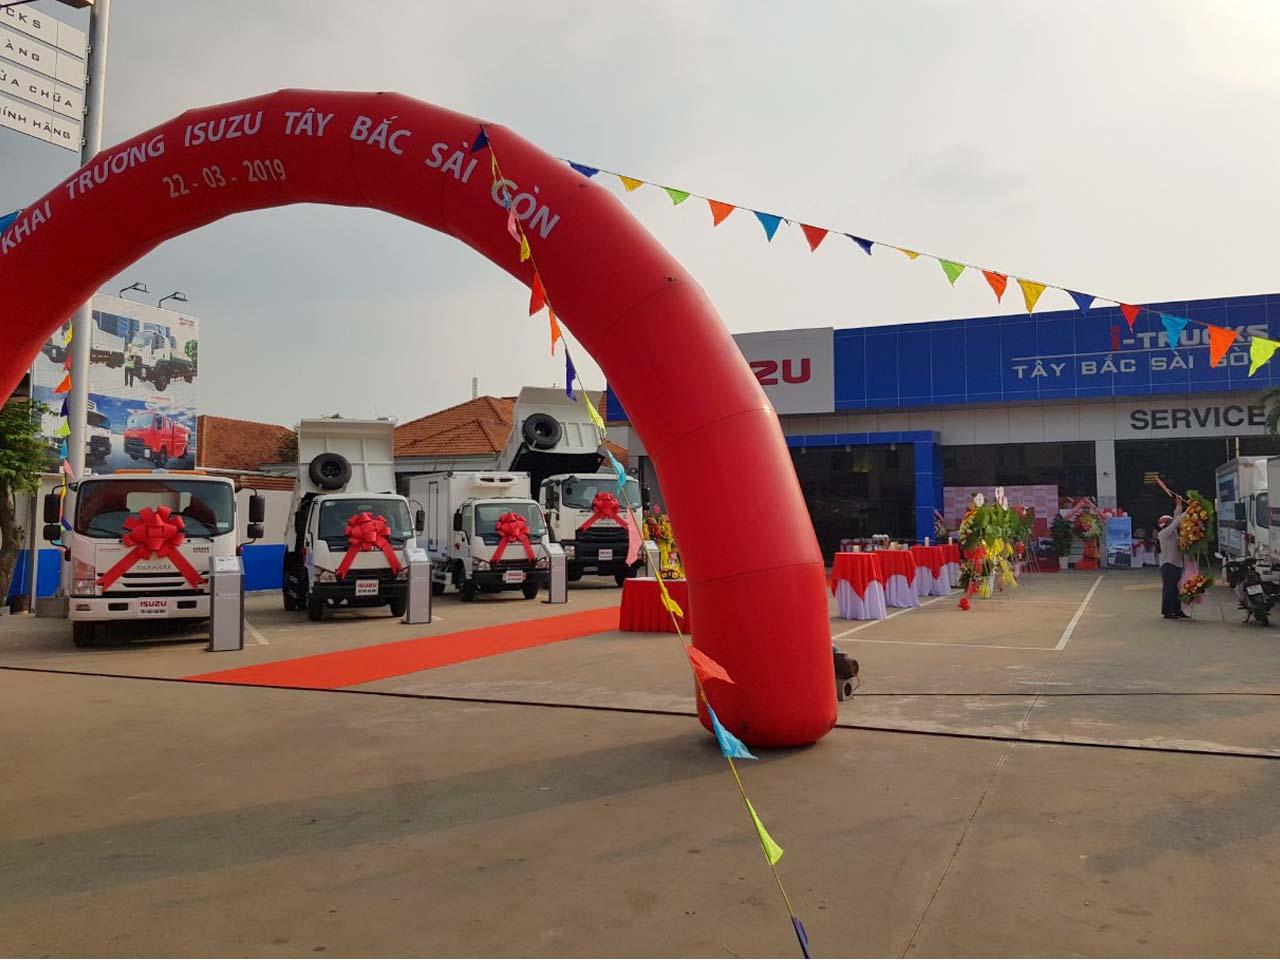 Cổng chào khai trương đại lý Isuzu Hóc Môn I-Trucks Tây Bắc Sài Gòn